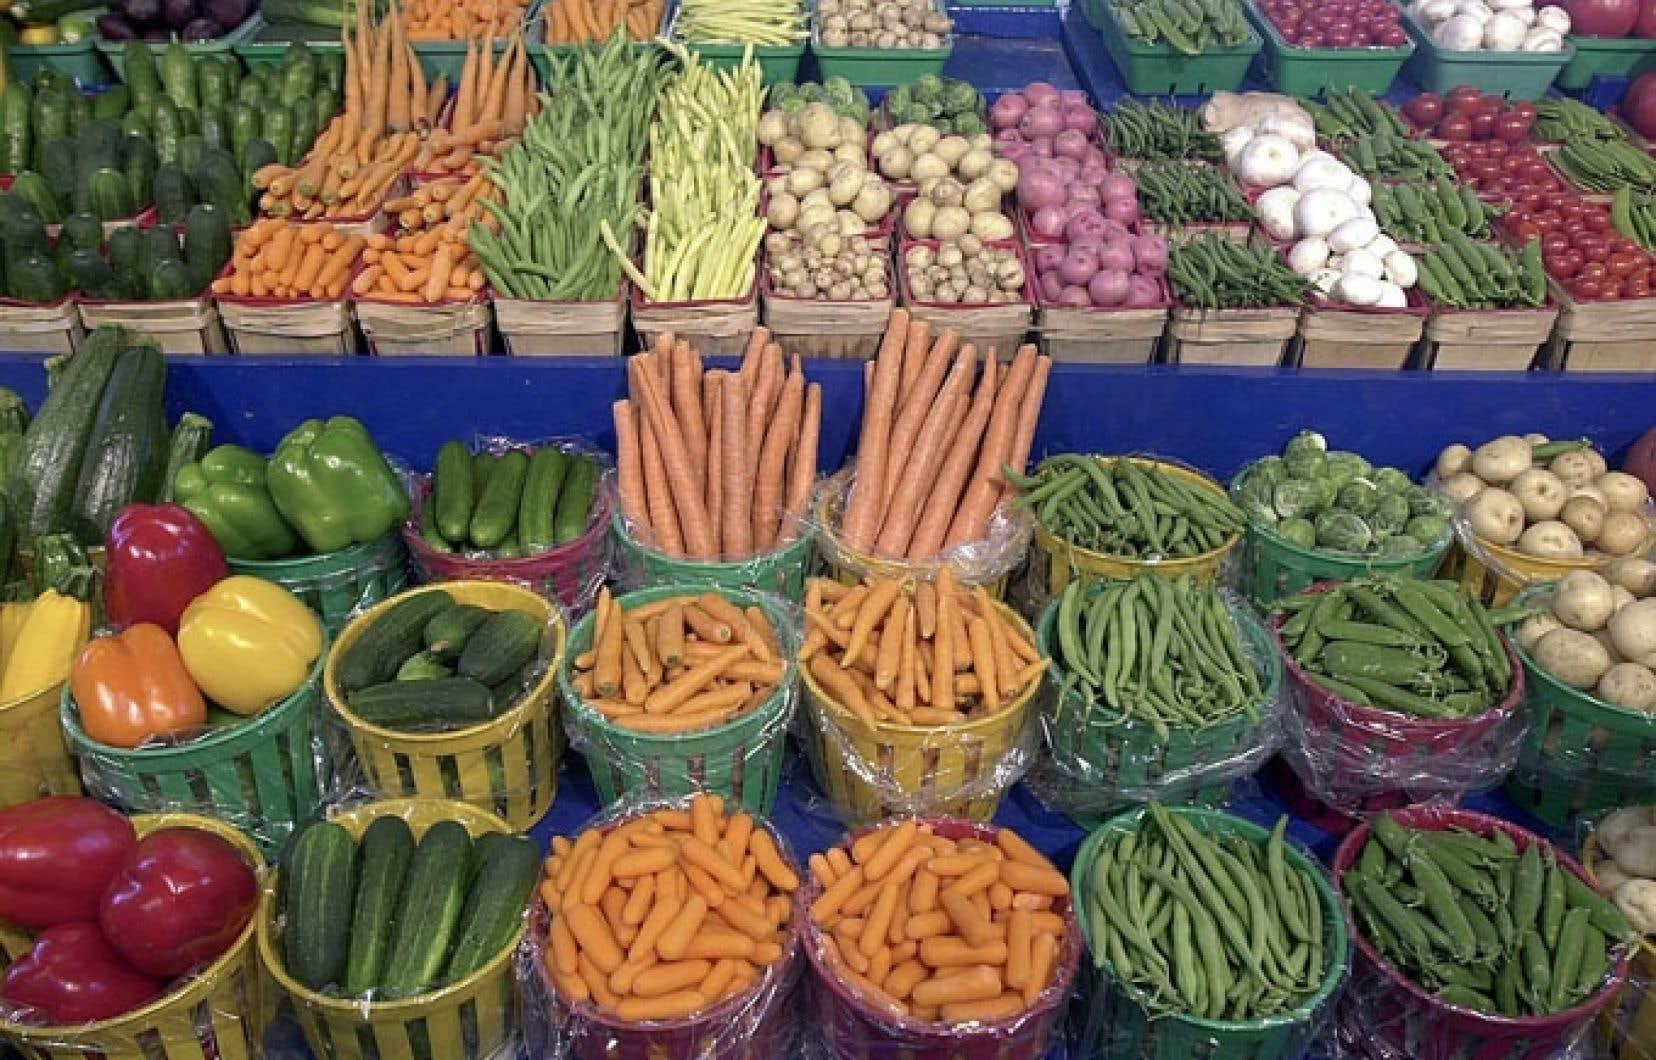 L'horloge biologique des fruits et des légumes continue de fonctionner plusieurs jours après qu'ils ont été récoltés.